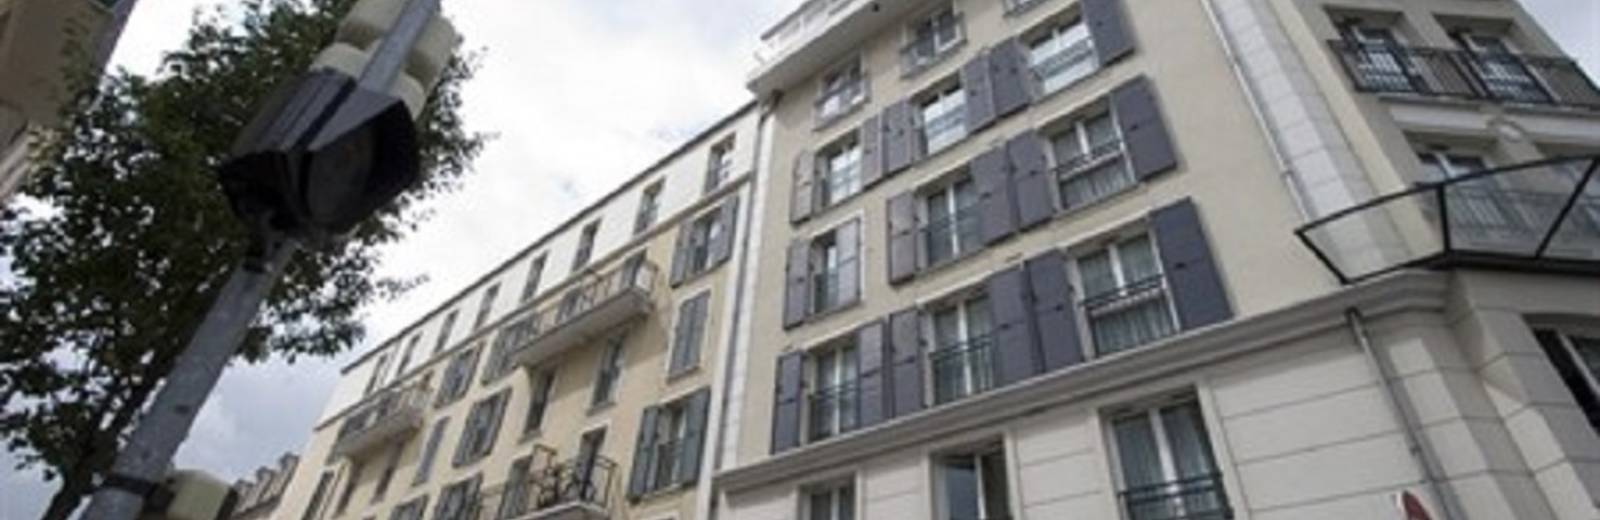 studea maisons alfort 1 paris student housing reviews. Black Bedroom Furniture Sets. Home Design Ideas